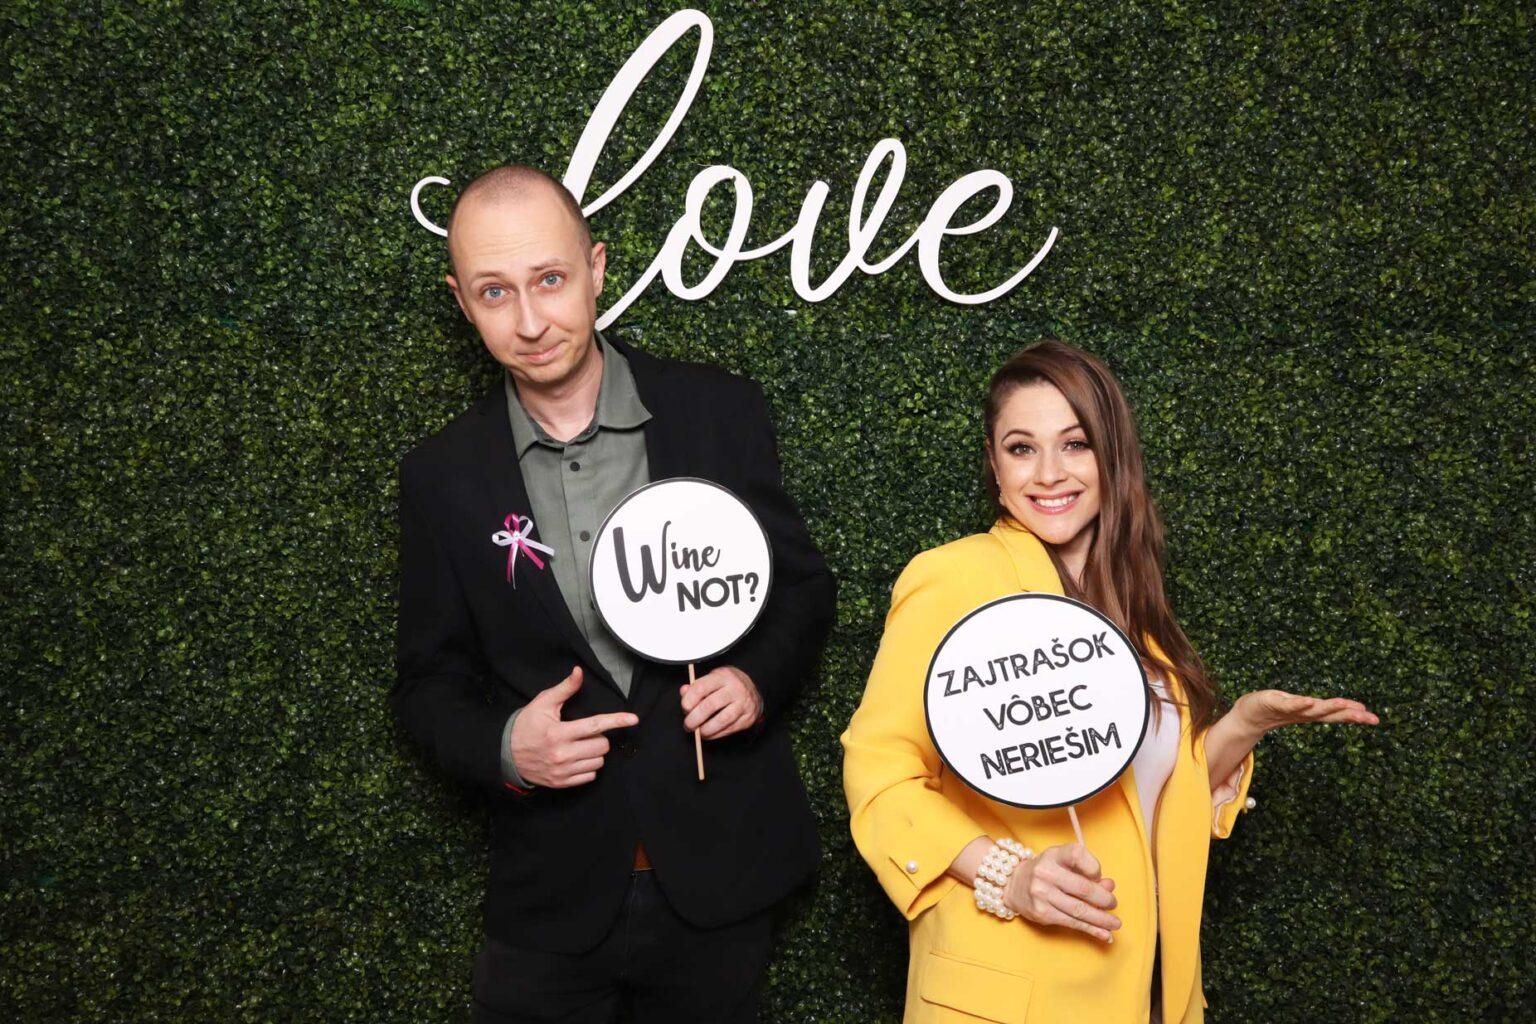 Fotokútik krušpánová fotostena - pozadie Love - svadba event.